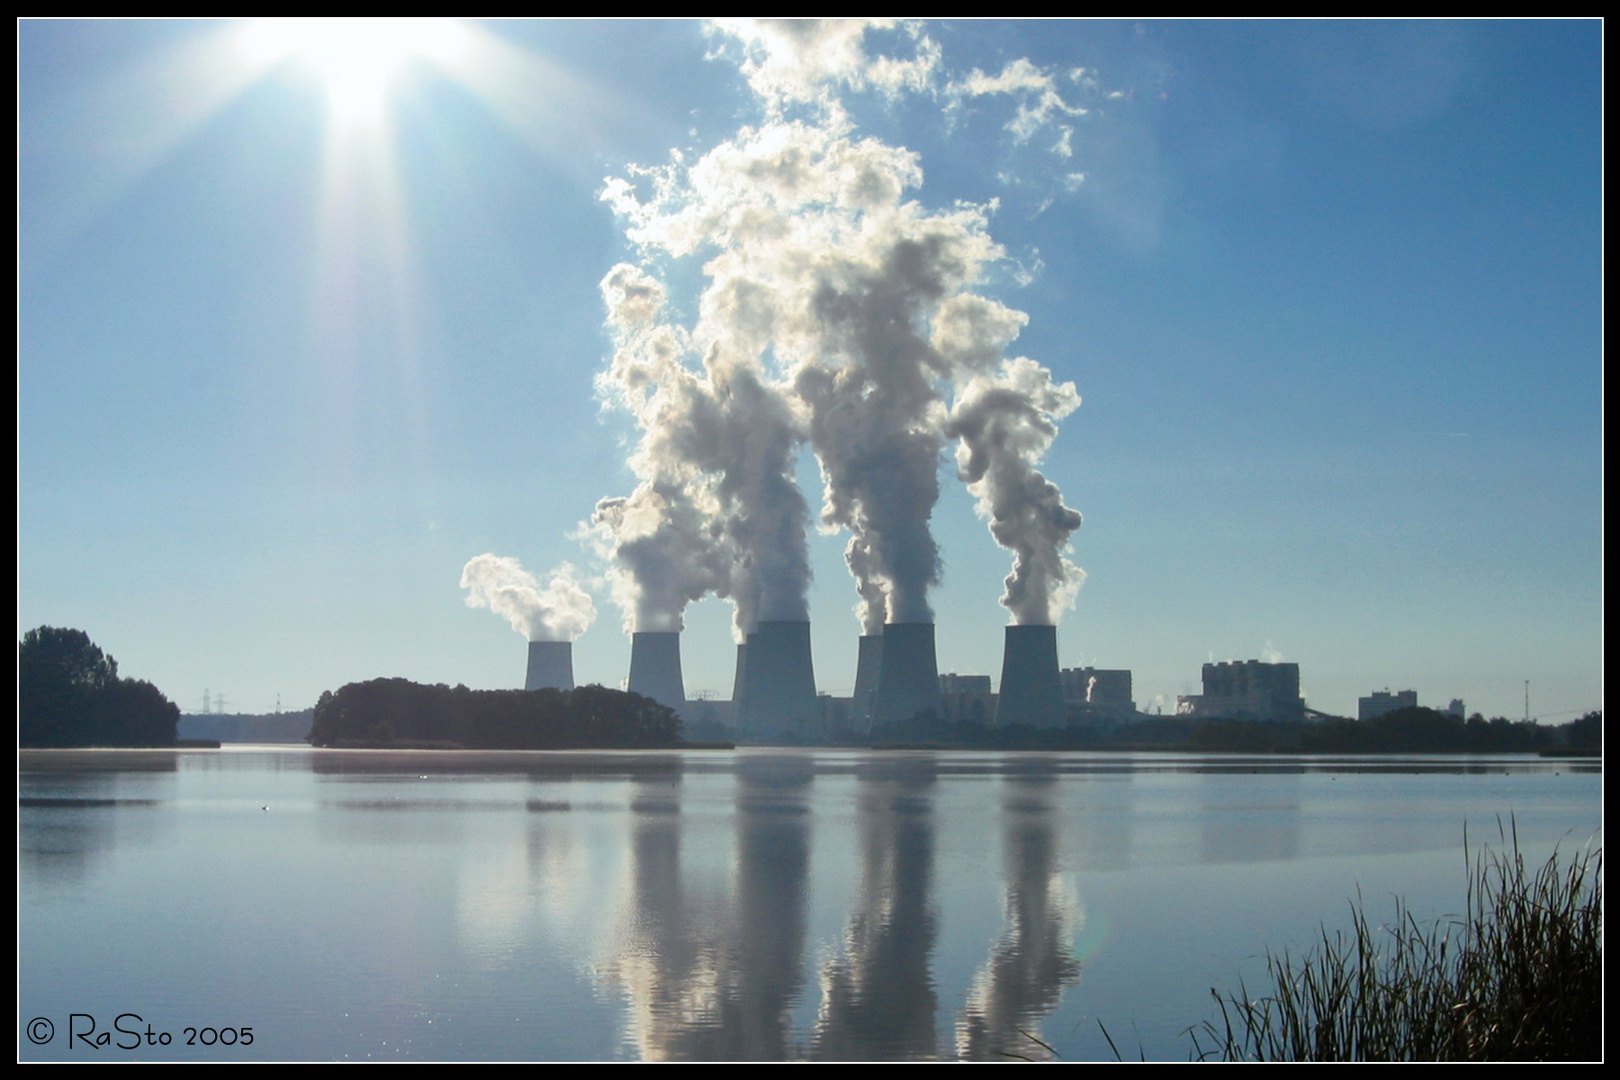 Hälterteich in Peitz mit Blick auf das Kraftwerk Jänschwalde